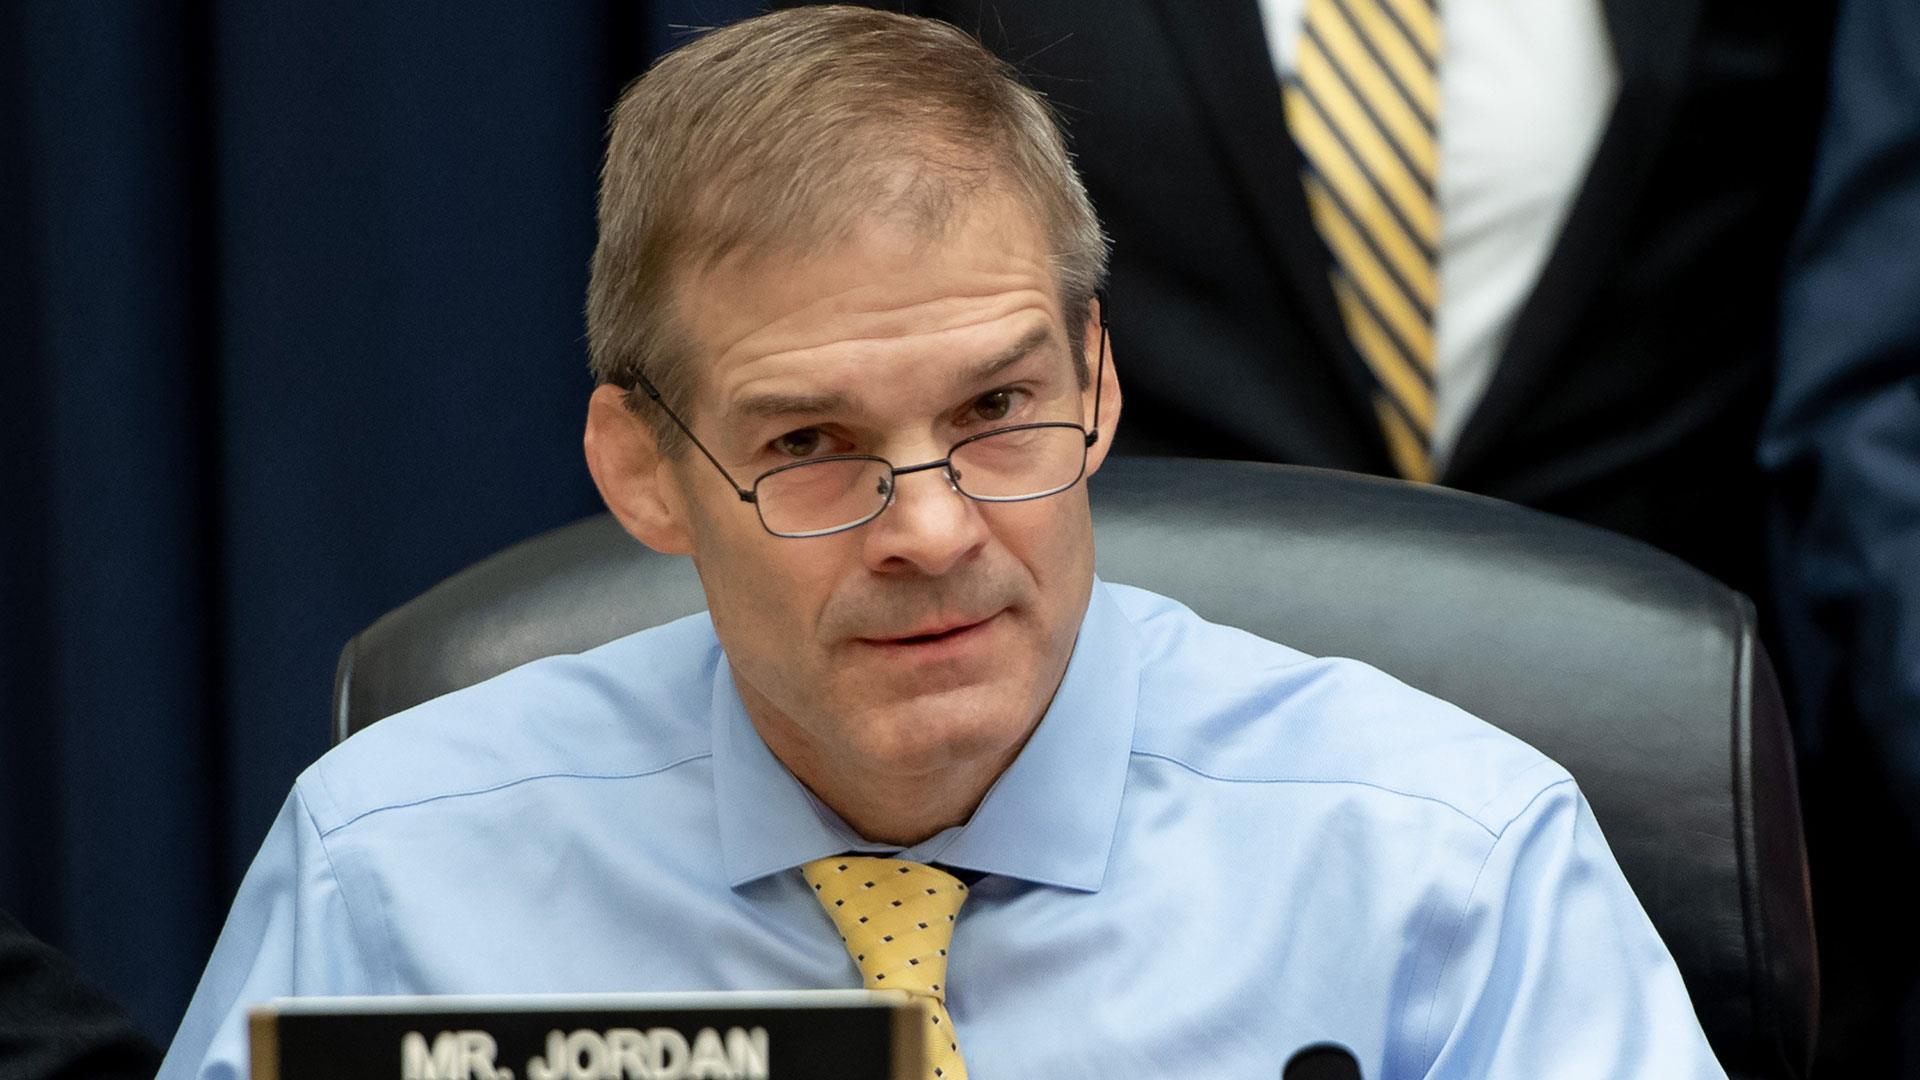 Jim Jordan announces bid to replace Paul Ryan as Speaker